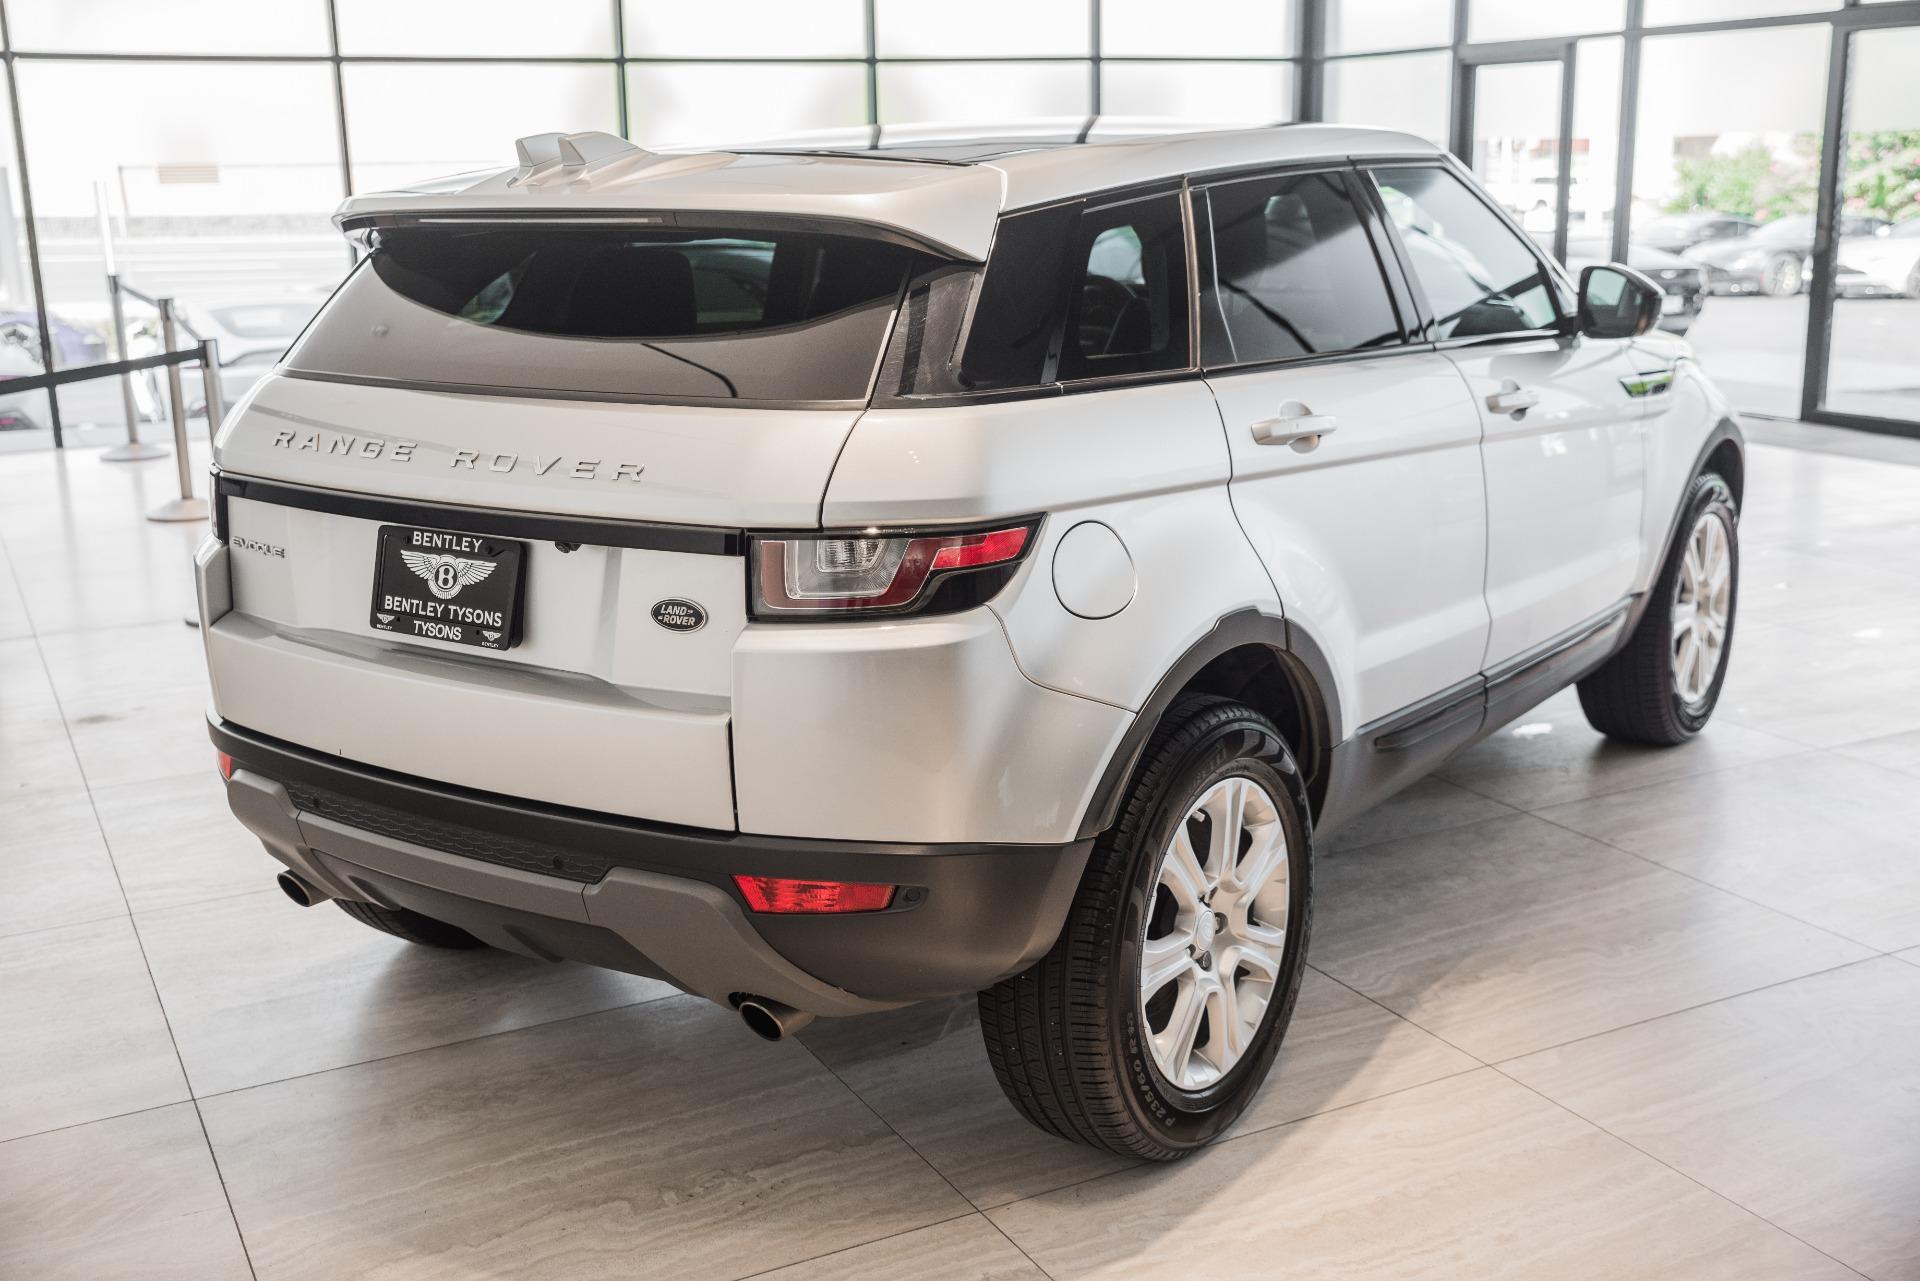 Land Rover For Sale Near Me >> 2017 Land Rover Range Rover Evoque SE Premium Stock # P167090A for sale near Vienna, VA | VA ...